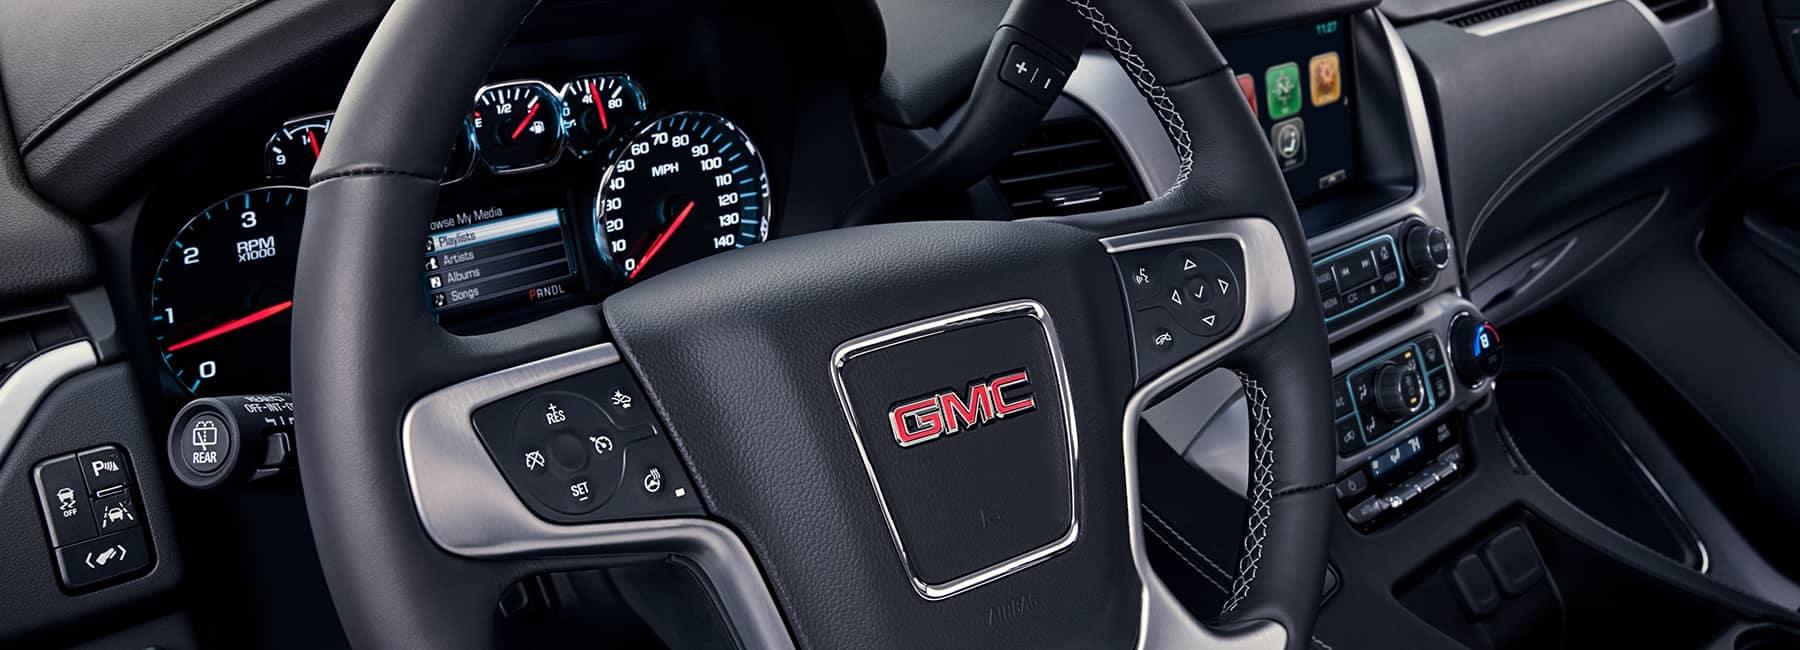 2020 GMC Yukon Dashboard